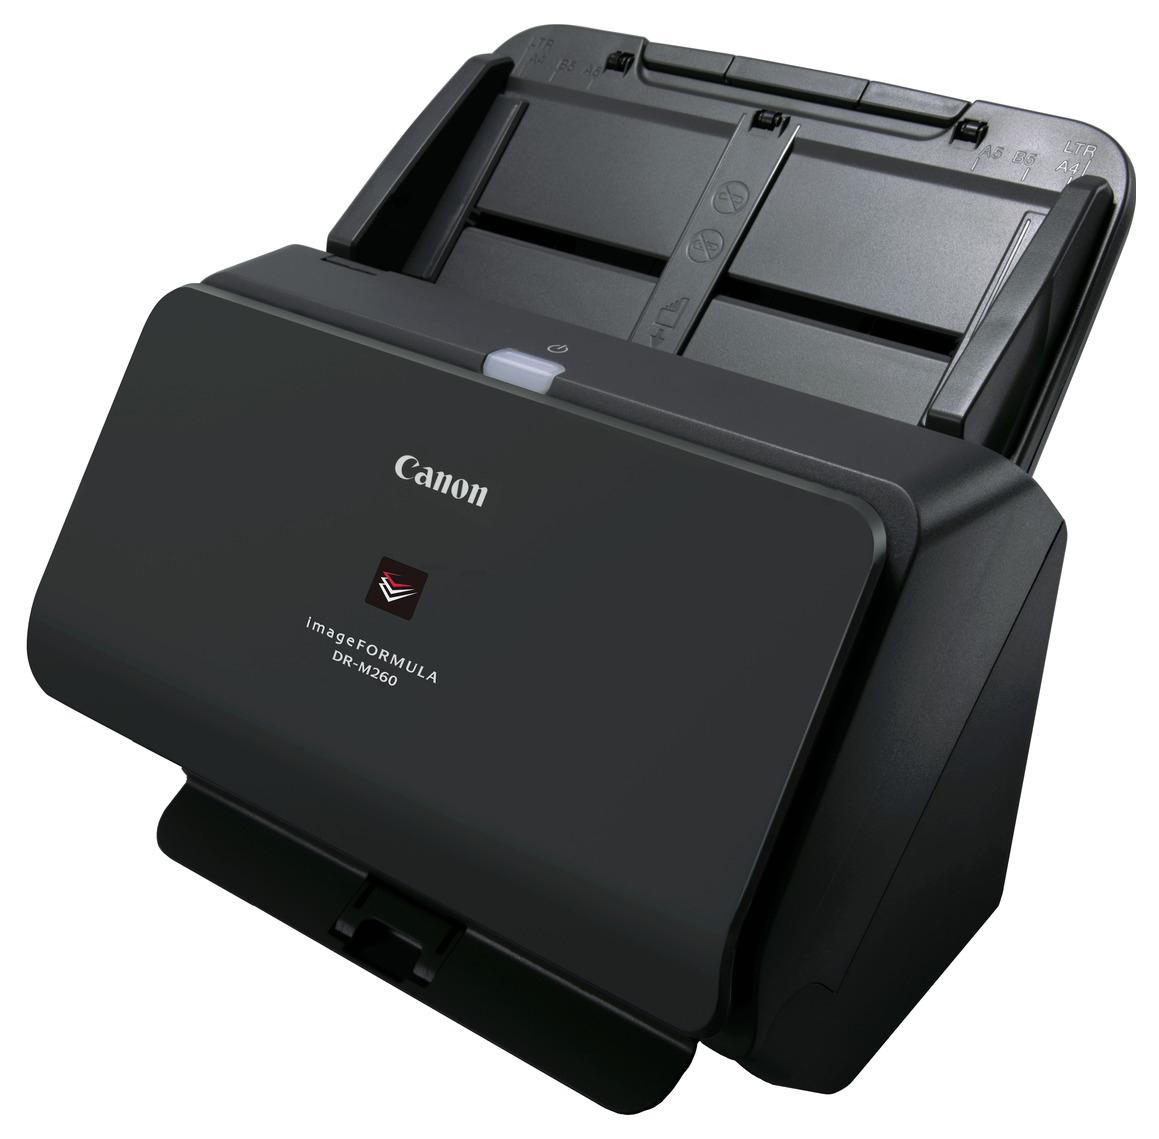 Сканер Canon DR M260 2405C003